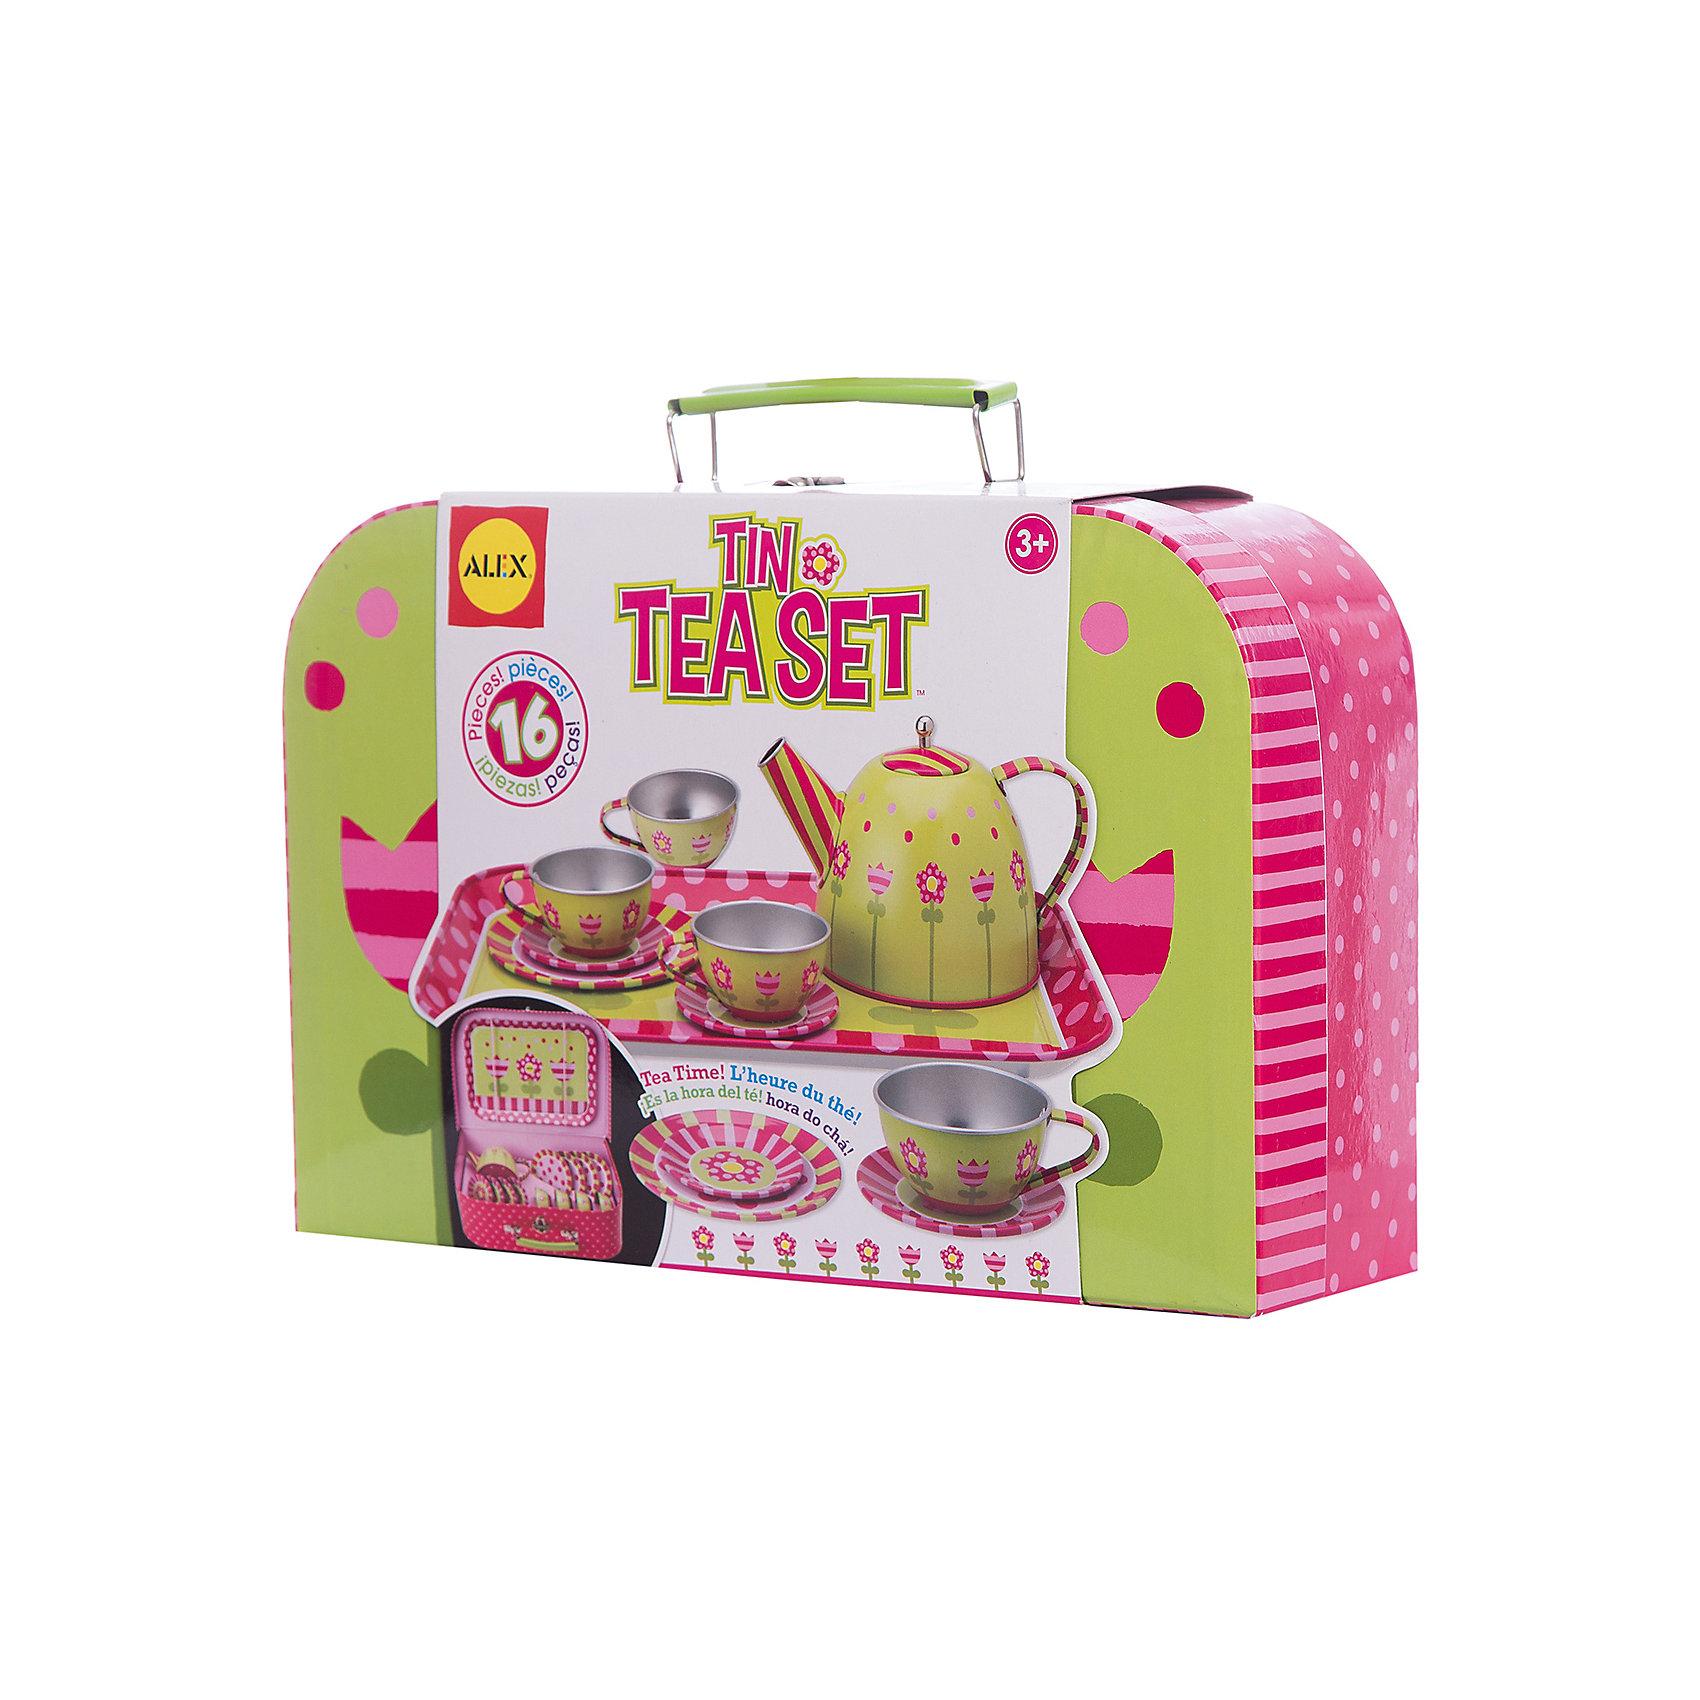 ALEX Чайный сервиз металлический Весна, ALEX игровой набор для девочки alex чайный сервиз поймай бабочку